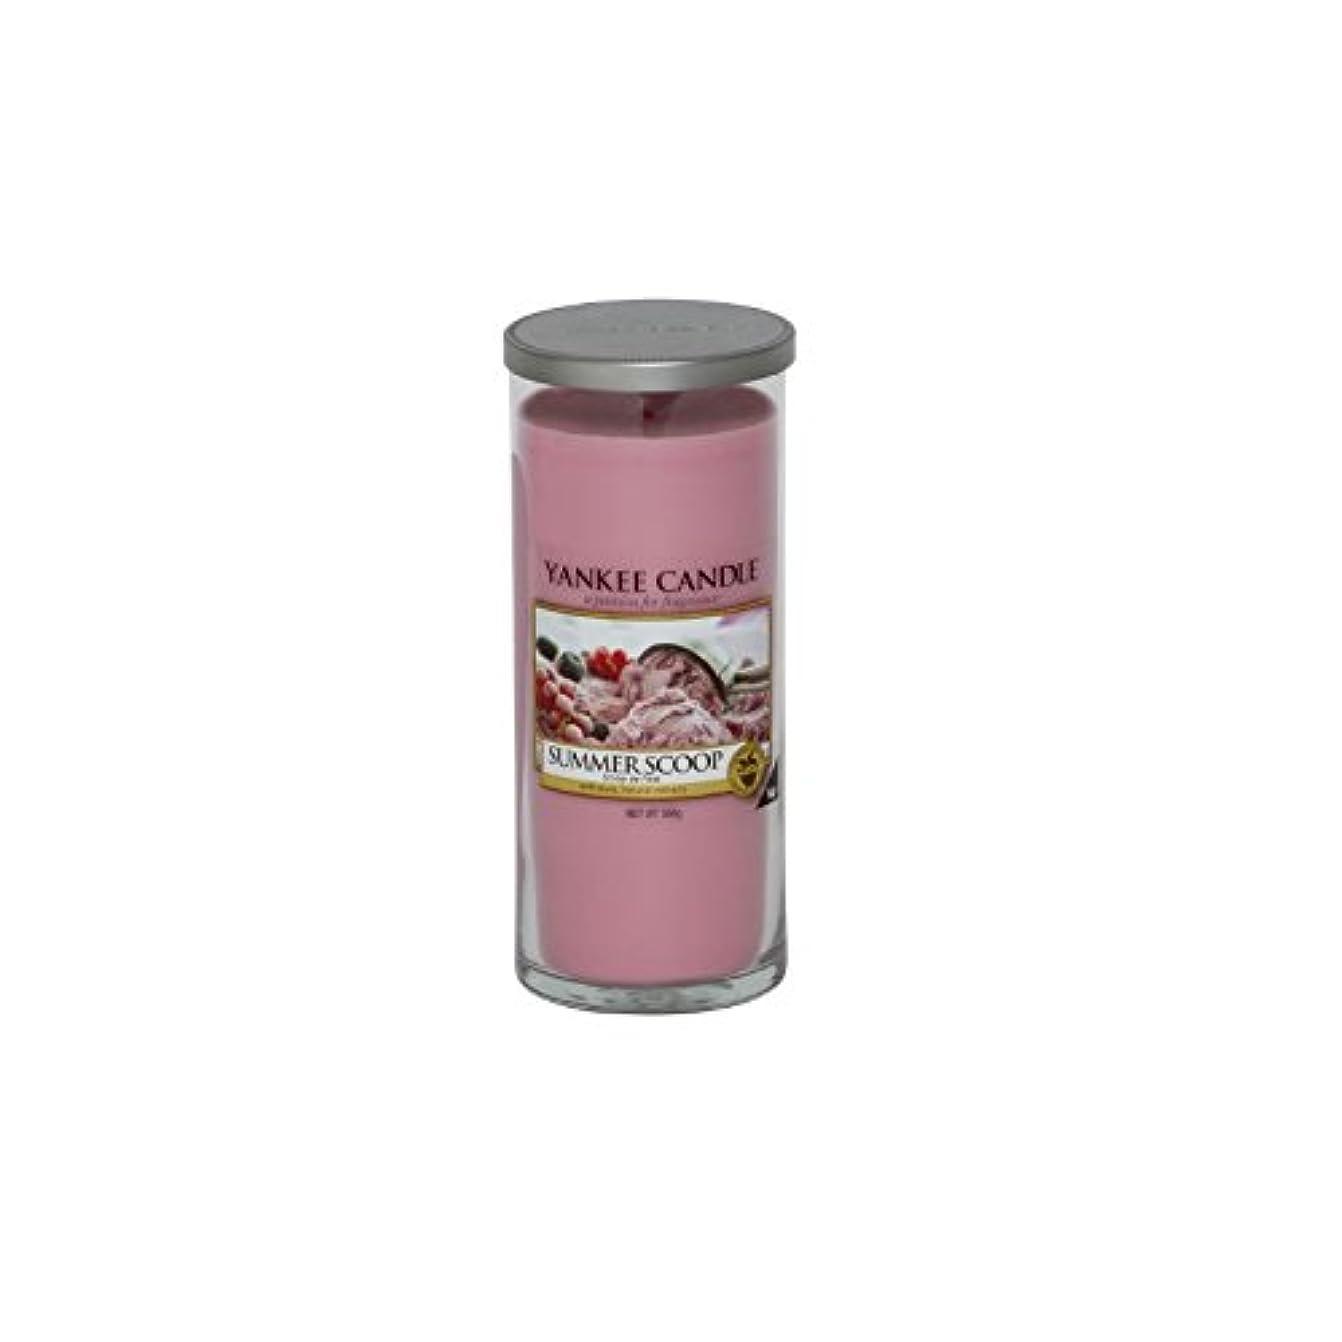 お願いします村サーキュレーションYankee Candles Large Pillar Candle - Summer Scoop (Pack of 2) - ヤンキーキャンドル大きな柱キャンドル - 夏のスクープ (x2) [並行輸入品]